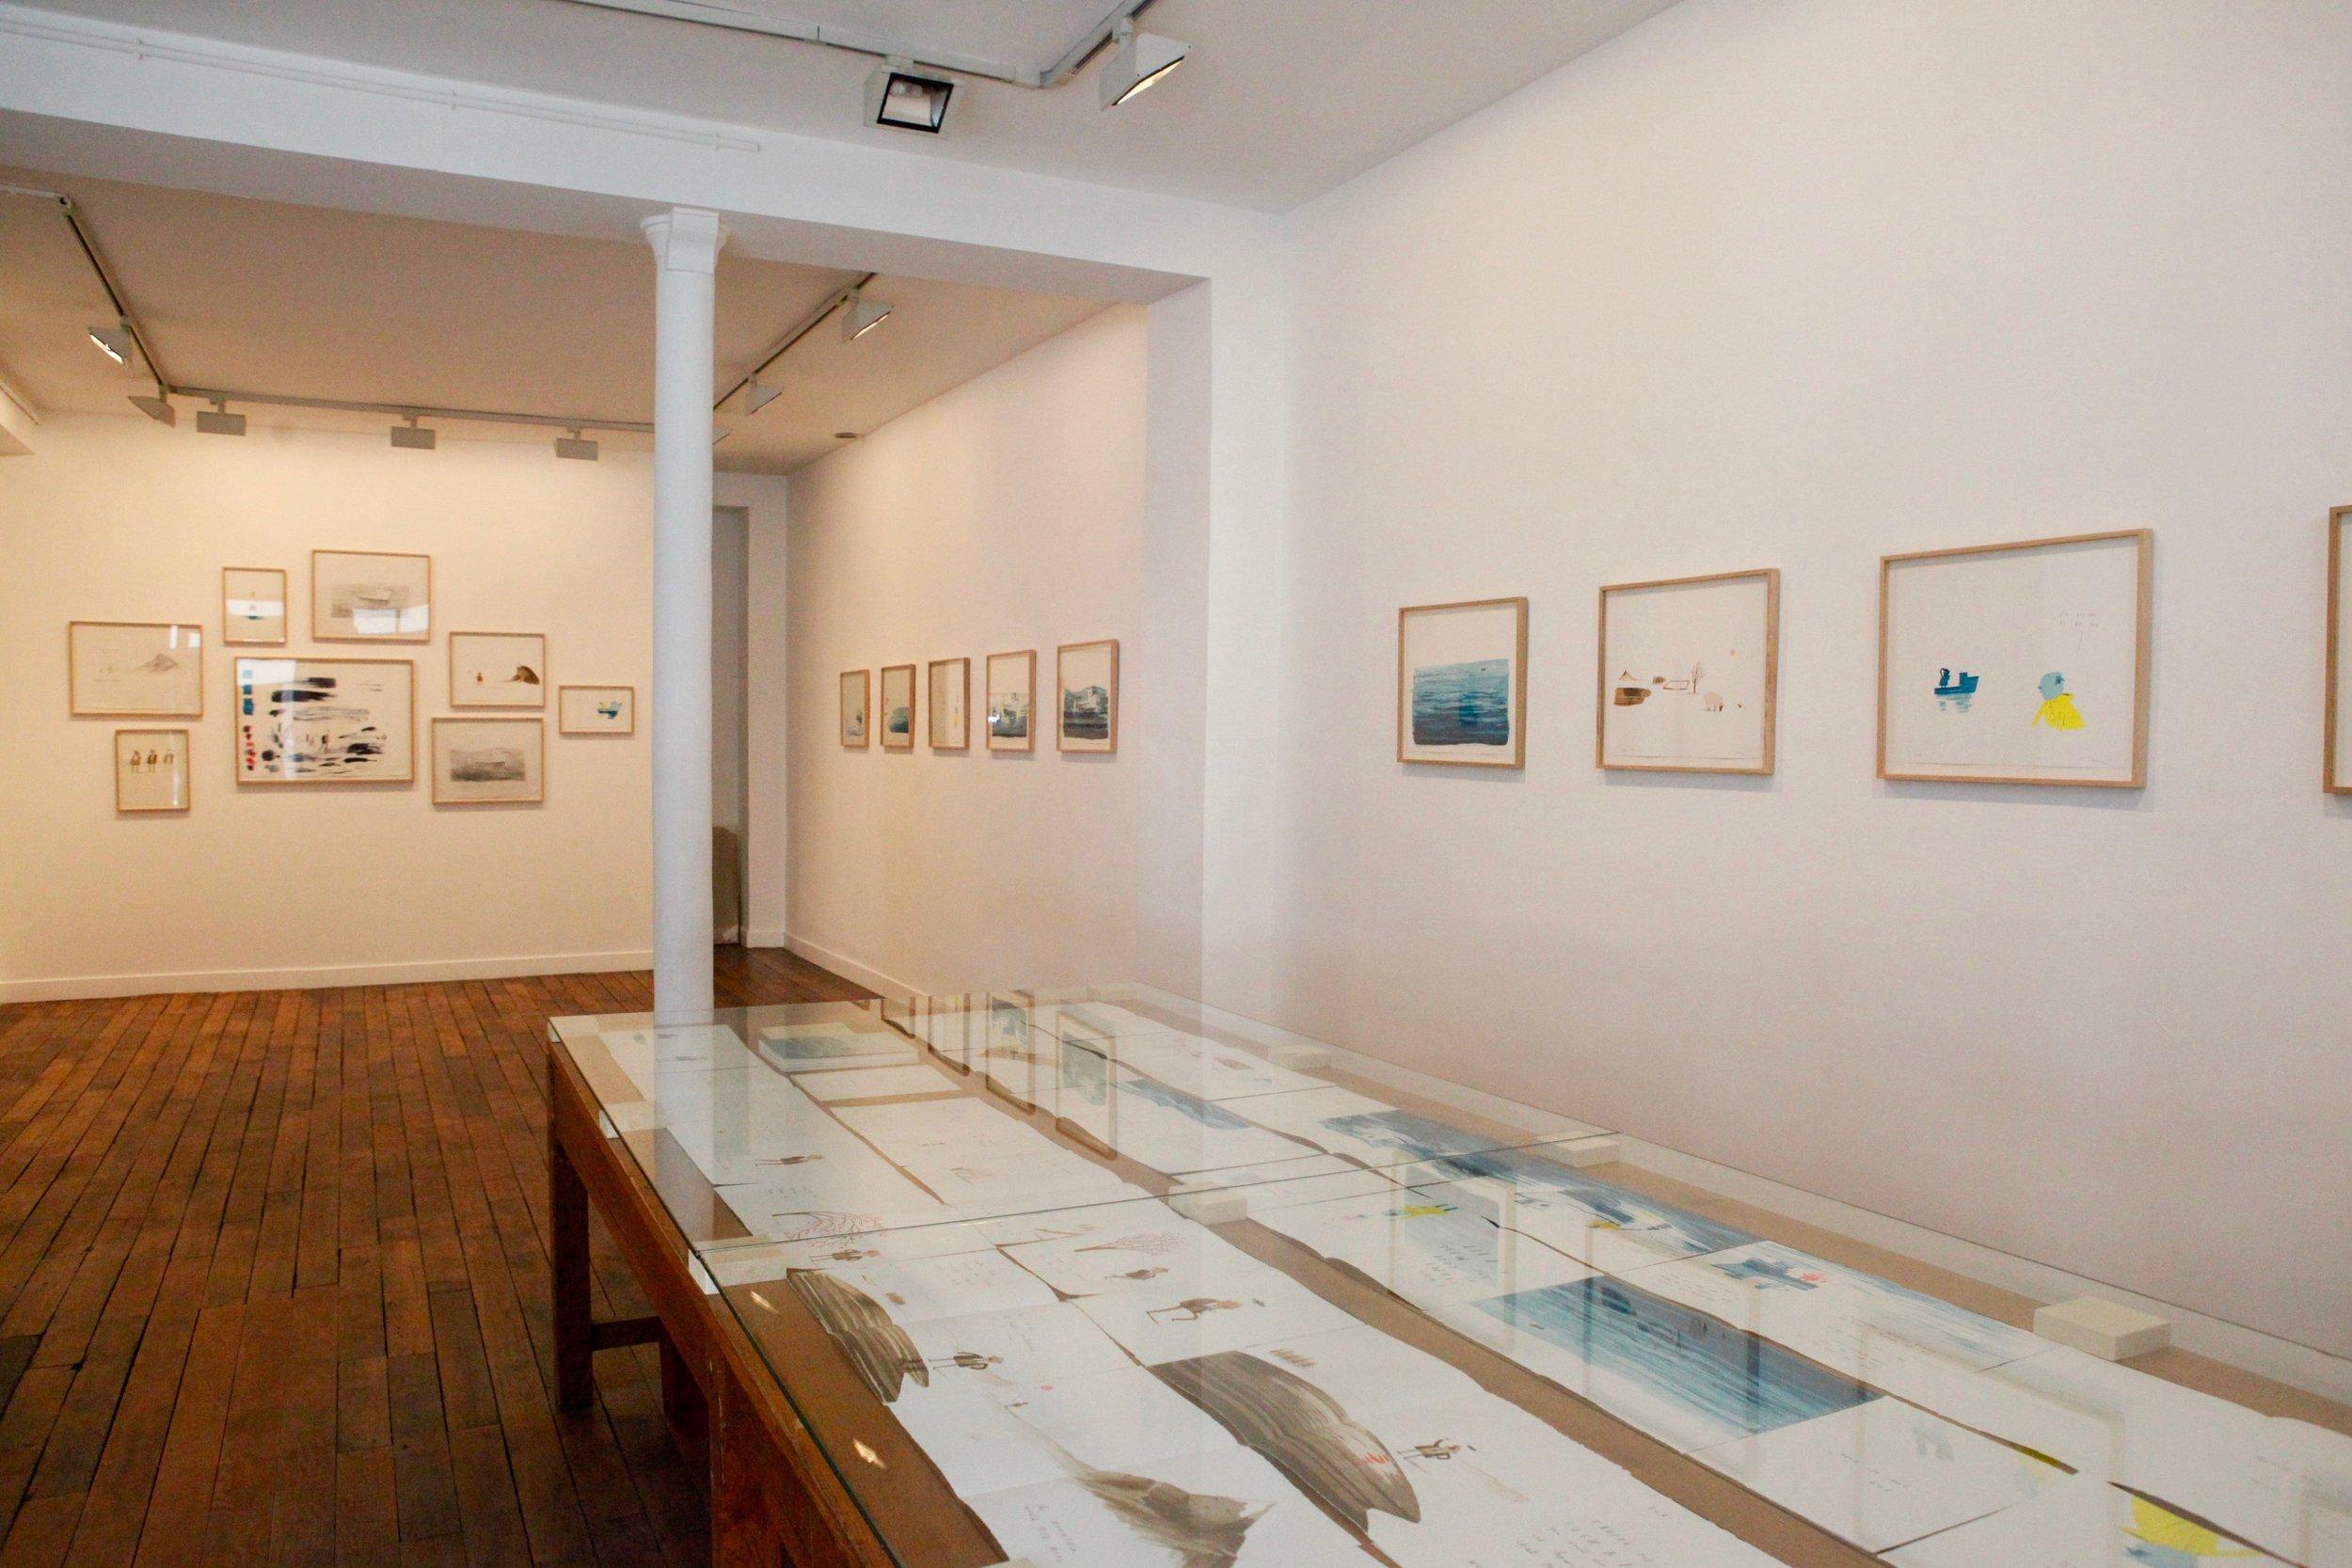 """La Galerie Item a le plaisir de présenter """"The Fate of Fausto"""" la nouvelle exposition d'  Oliver Jeffers .  L'artiste nord-irlandais vous invite à découvrir son premier livre d'art, entièrement réalisé en lithographie dans l'atelier Idem.  Le vernissage aura lieu le jeudi 18 avril de 18h à 21h. Ouvert au public du 19 avril au 18 mai 2019.  La galerie est ouverte du lundi au vendredi de 11h à 19h et le samedi de 11h à 18h.  --  Item Gallery is proud to present """"The Fate of Fausto"""", Oliver Jeffers' new exhibition. The Northern Irish artist invites you to discover his artist book, entirely realized in lithography in the studio Idem. The opening will take place on Thursday, April 18 from 6pm until 9pm. Open to the public from April 19th to May 18th, 2019.  The gallery is open Monday-Friday from 11am until 7pm and the Saturday from 11am until 6pm."""